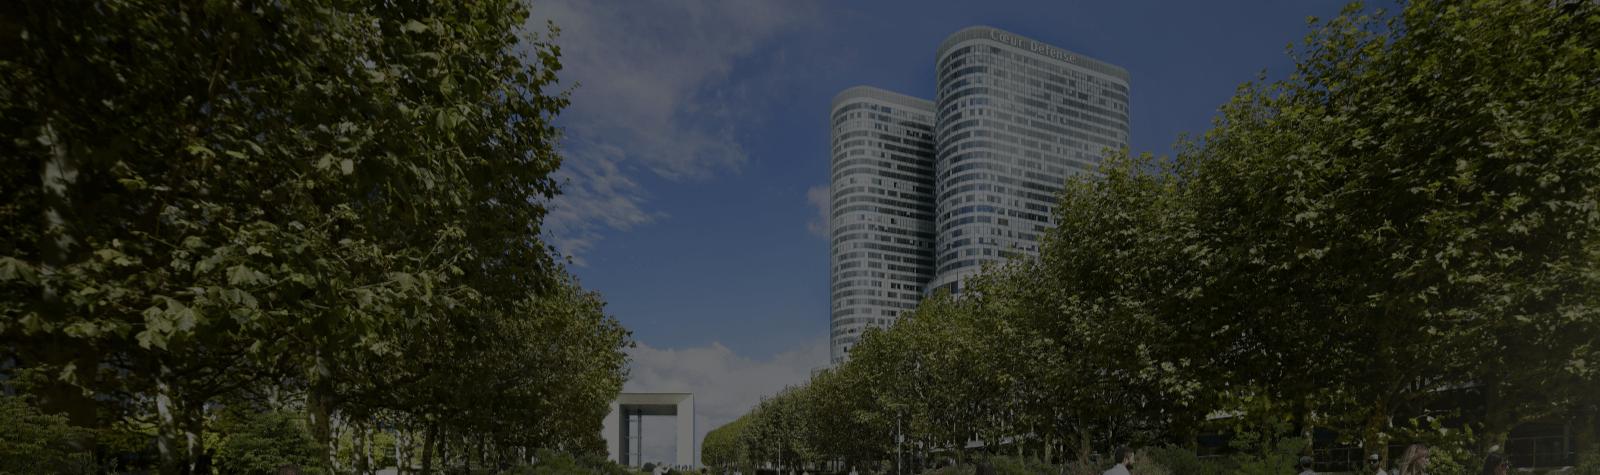 Paris La Défense aménage plus de 2 500 m² de « nouveaux paysages » au cœur de l'Esplanade